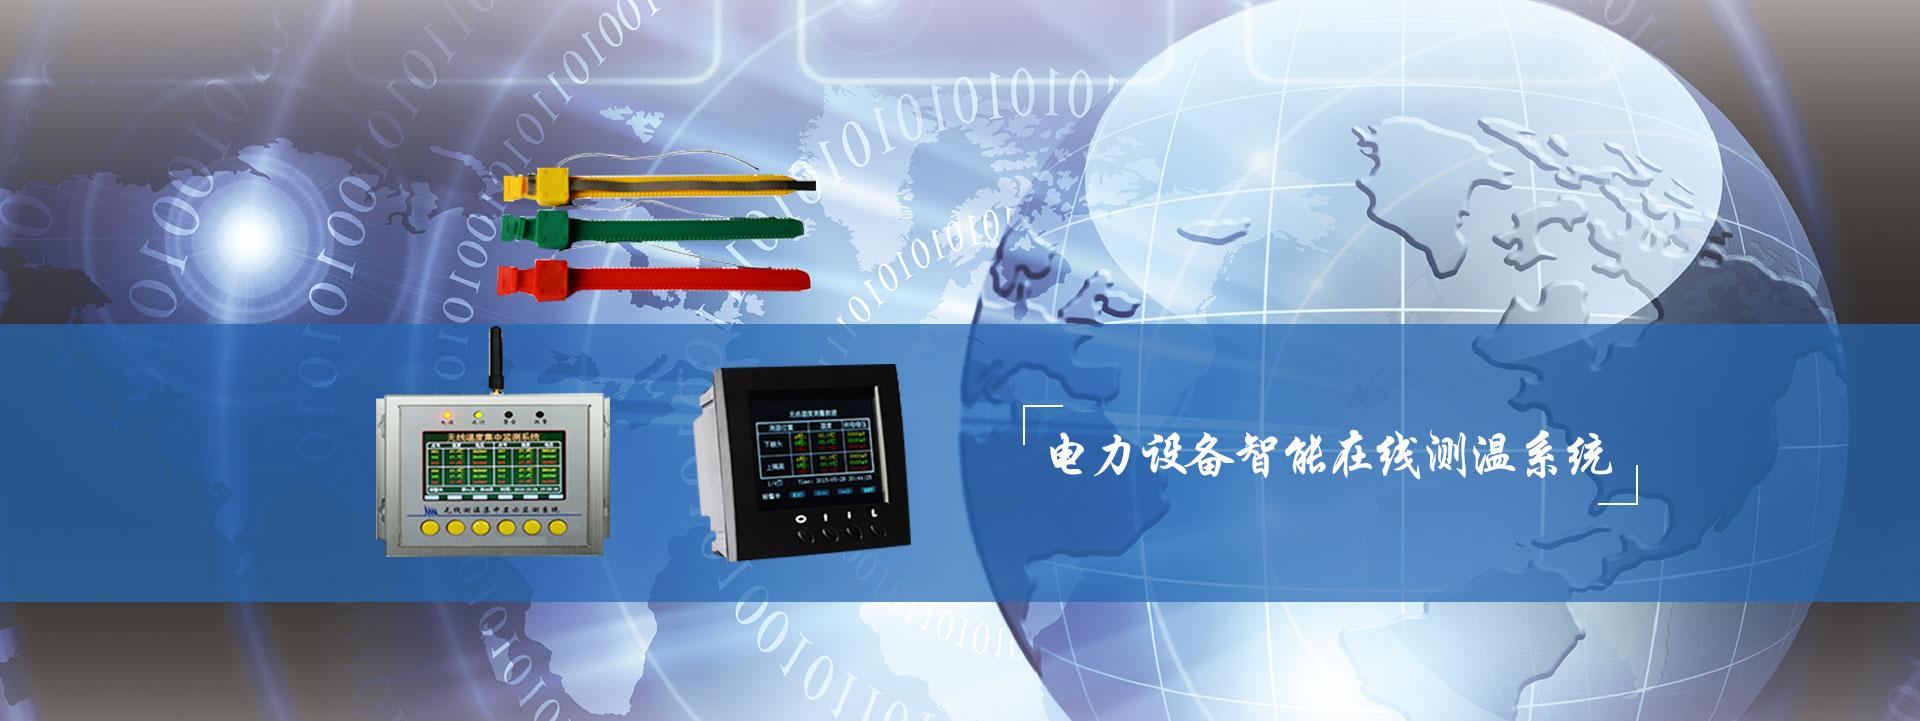 电源产品系统研发